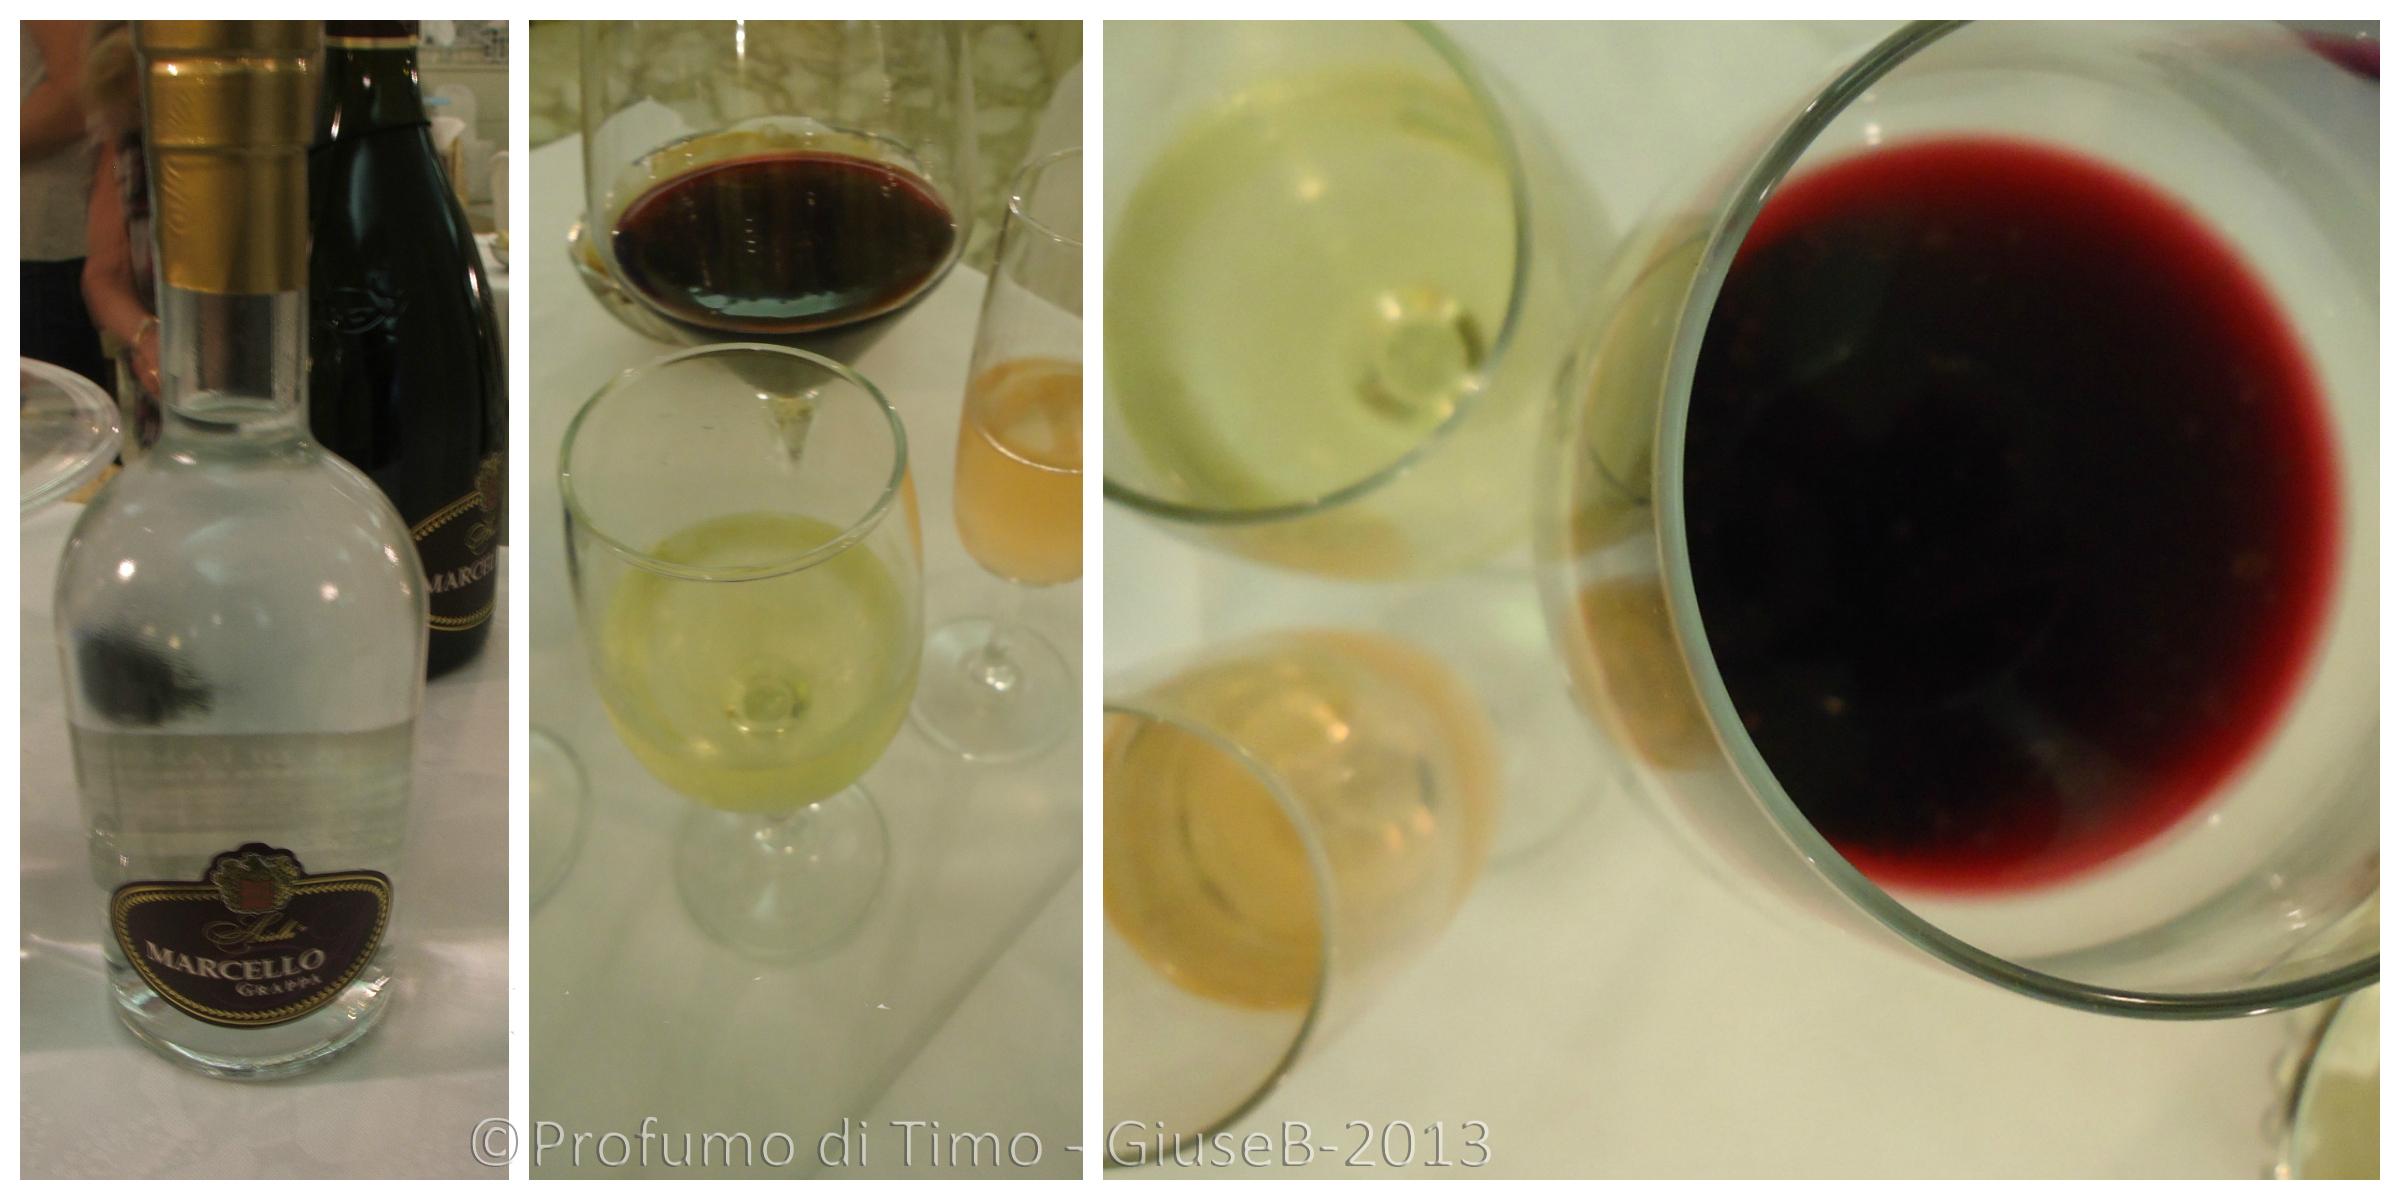 Ariola Vigne & Vini Langhirano Collage1